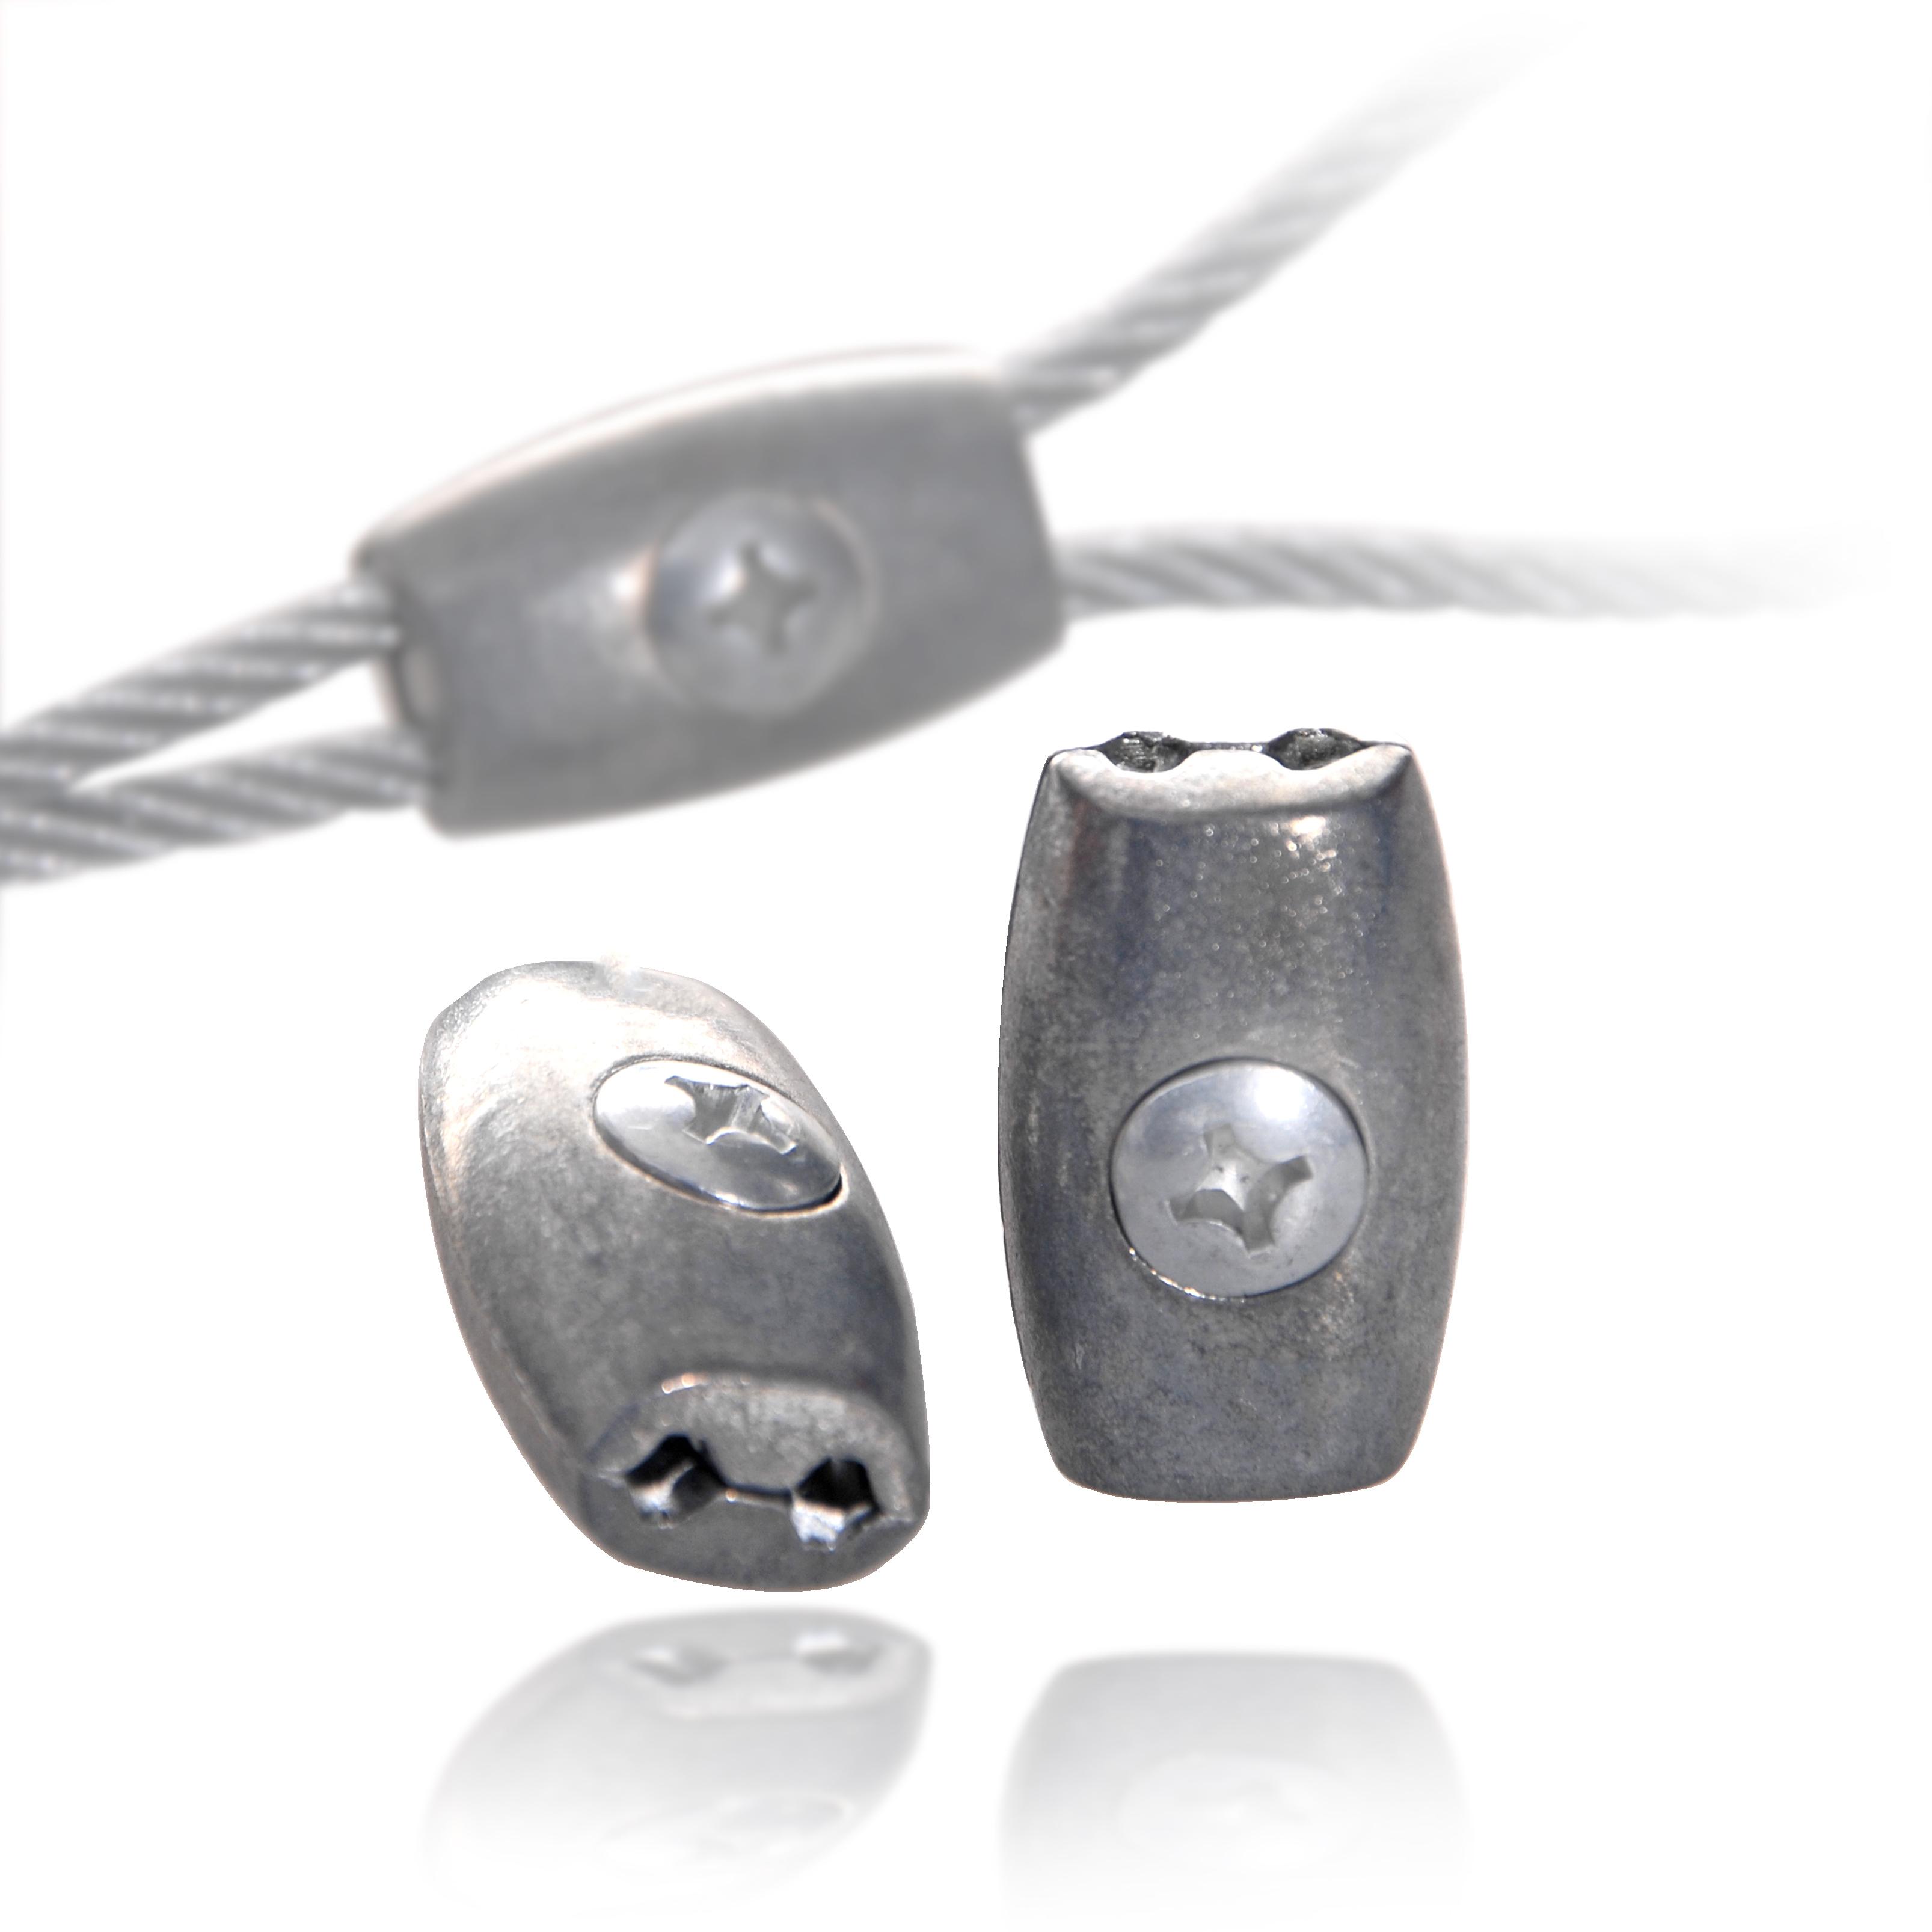 Drahtseilklemmen Eiform 2mm EDELSTAHL Seilklemme Drahtseilklemme Drahtseil V4A